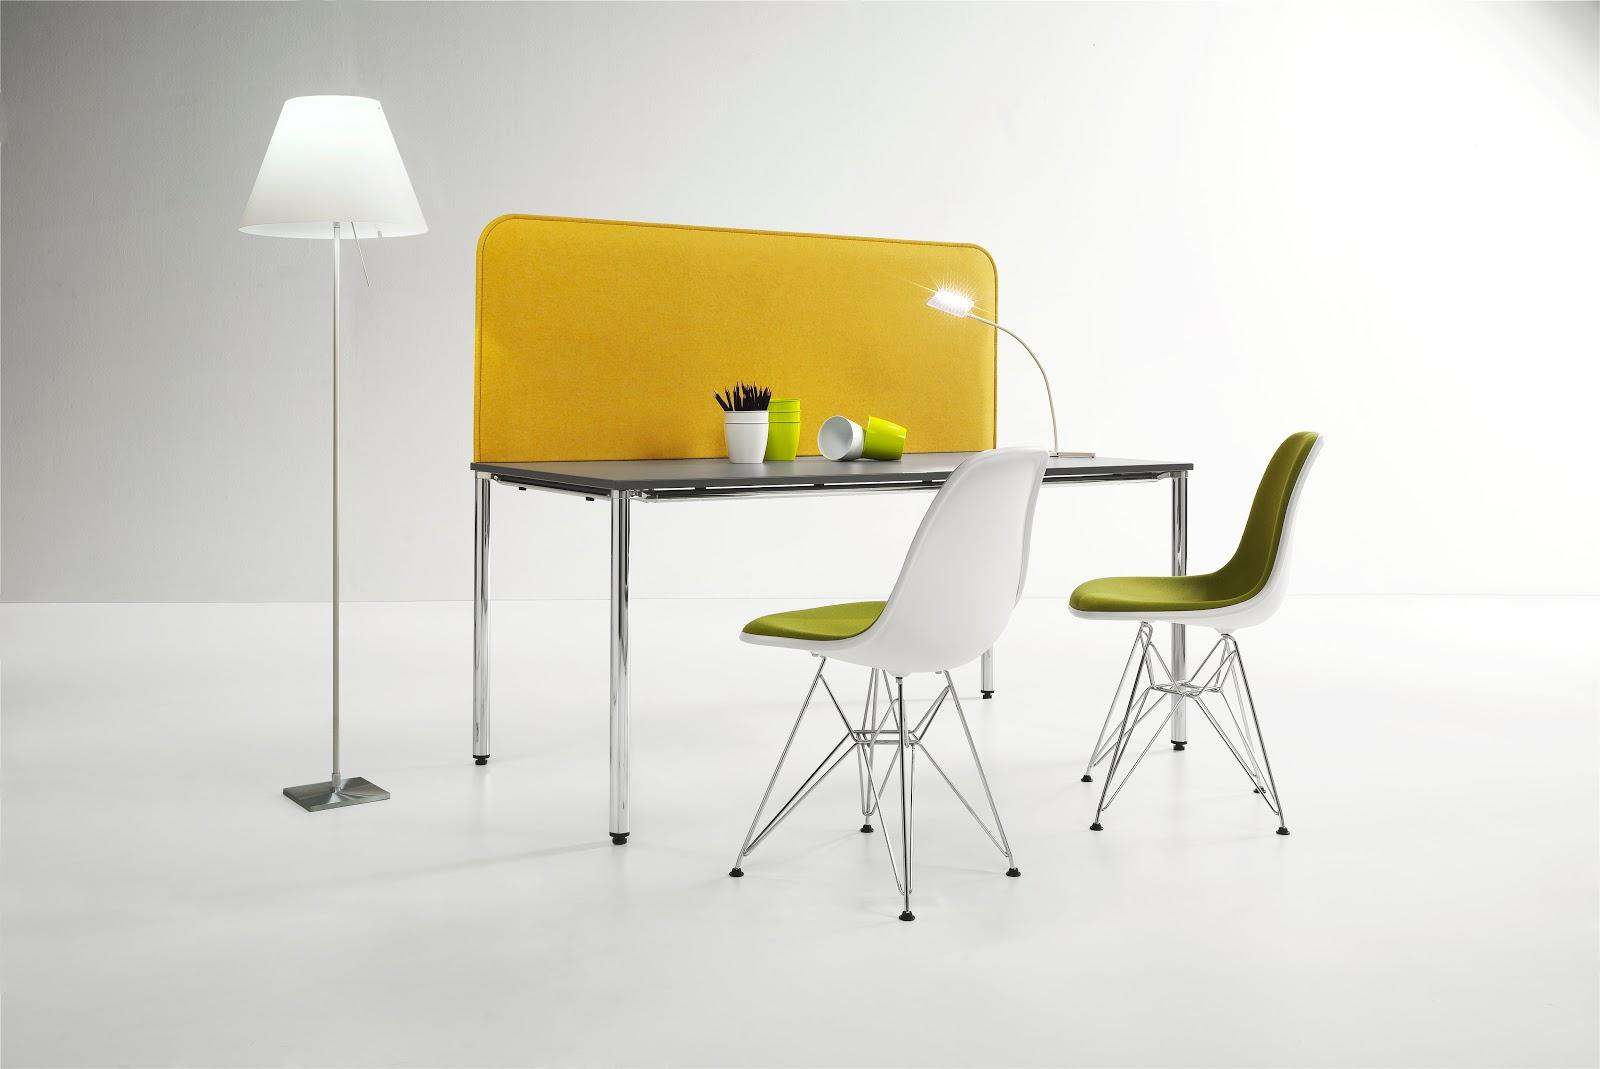 Solucions acústiques per a oficines i espais de treball